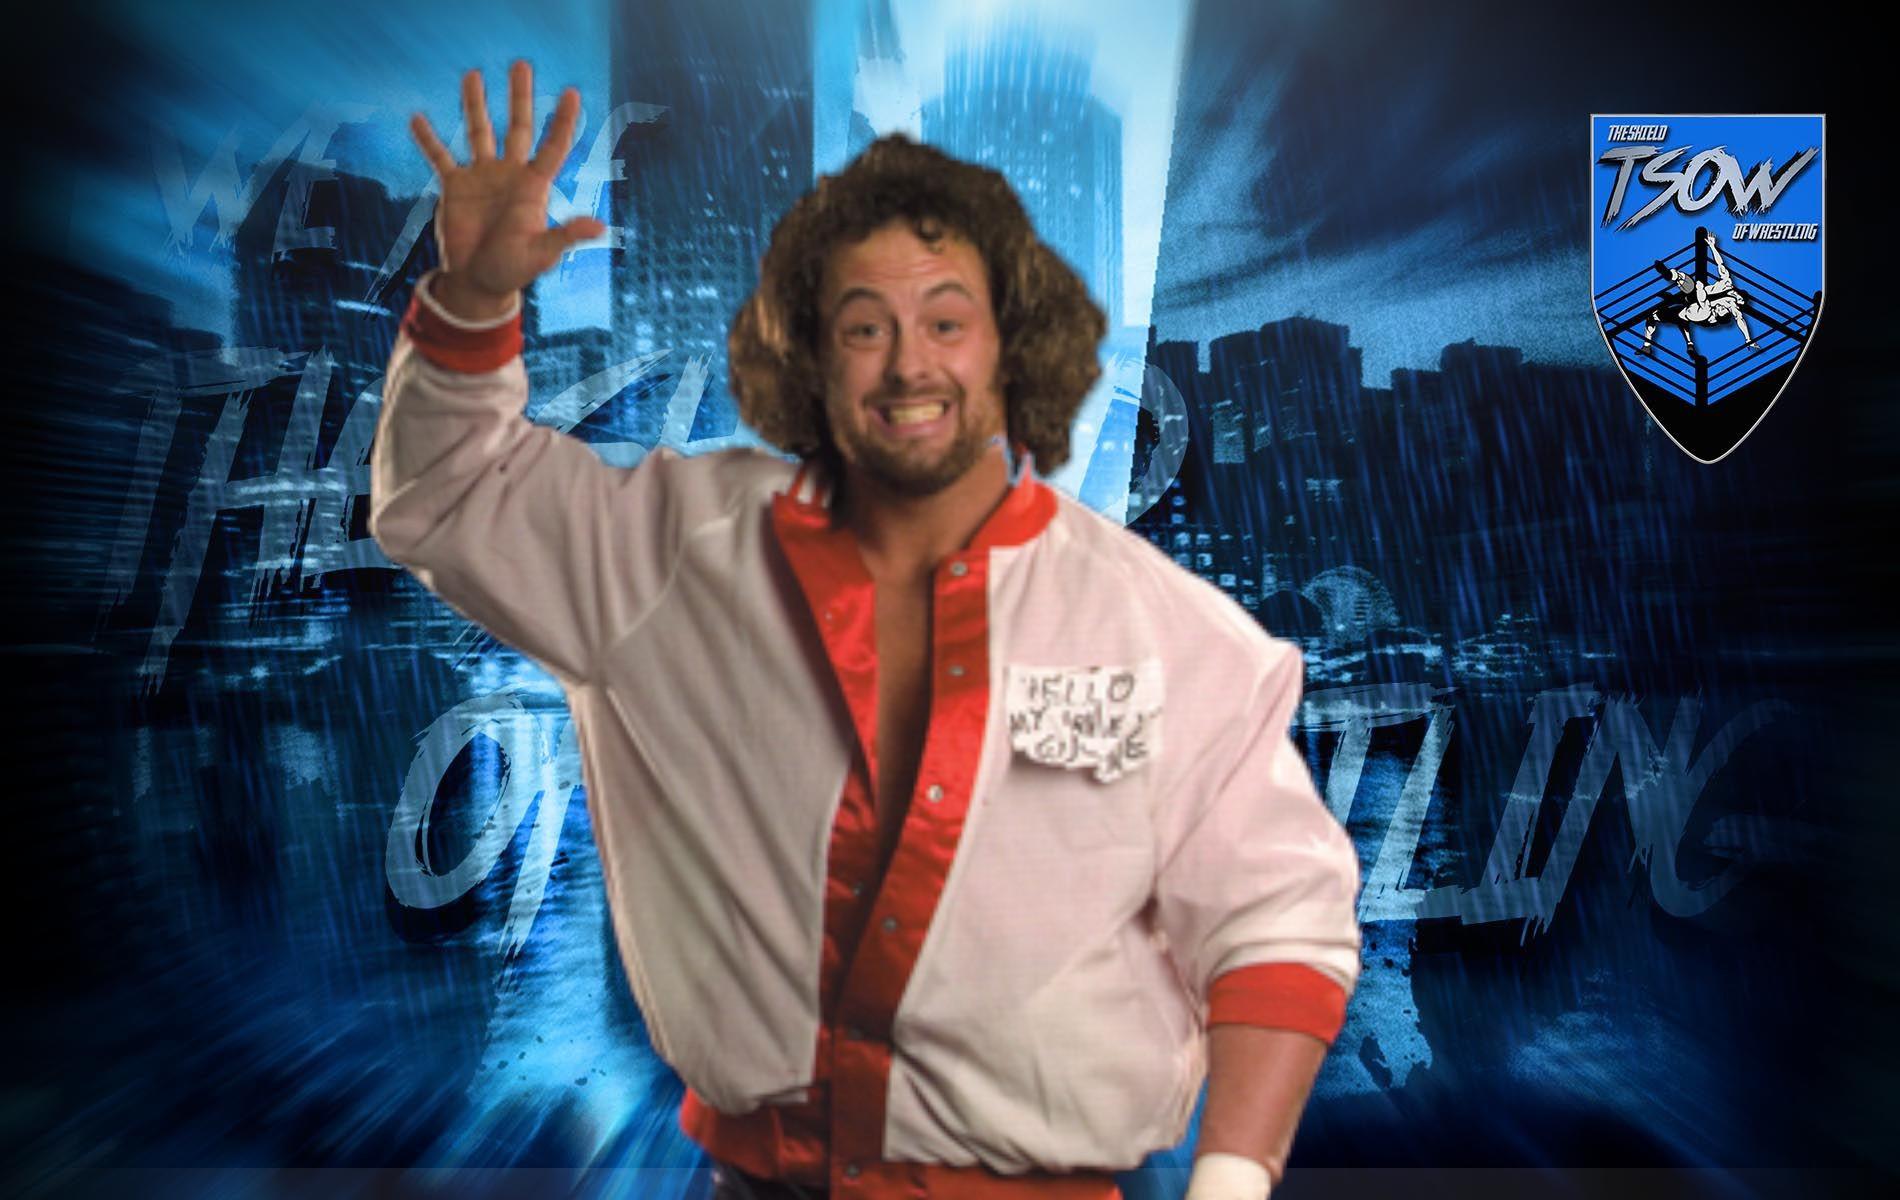 Eugene venne licenziato dalla WWE per problemi di peso